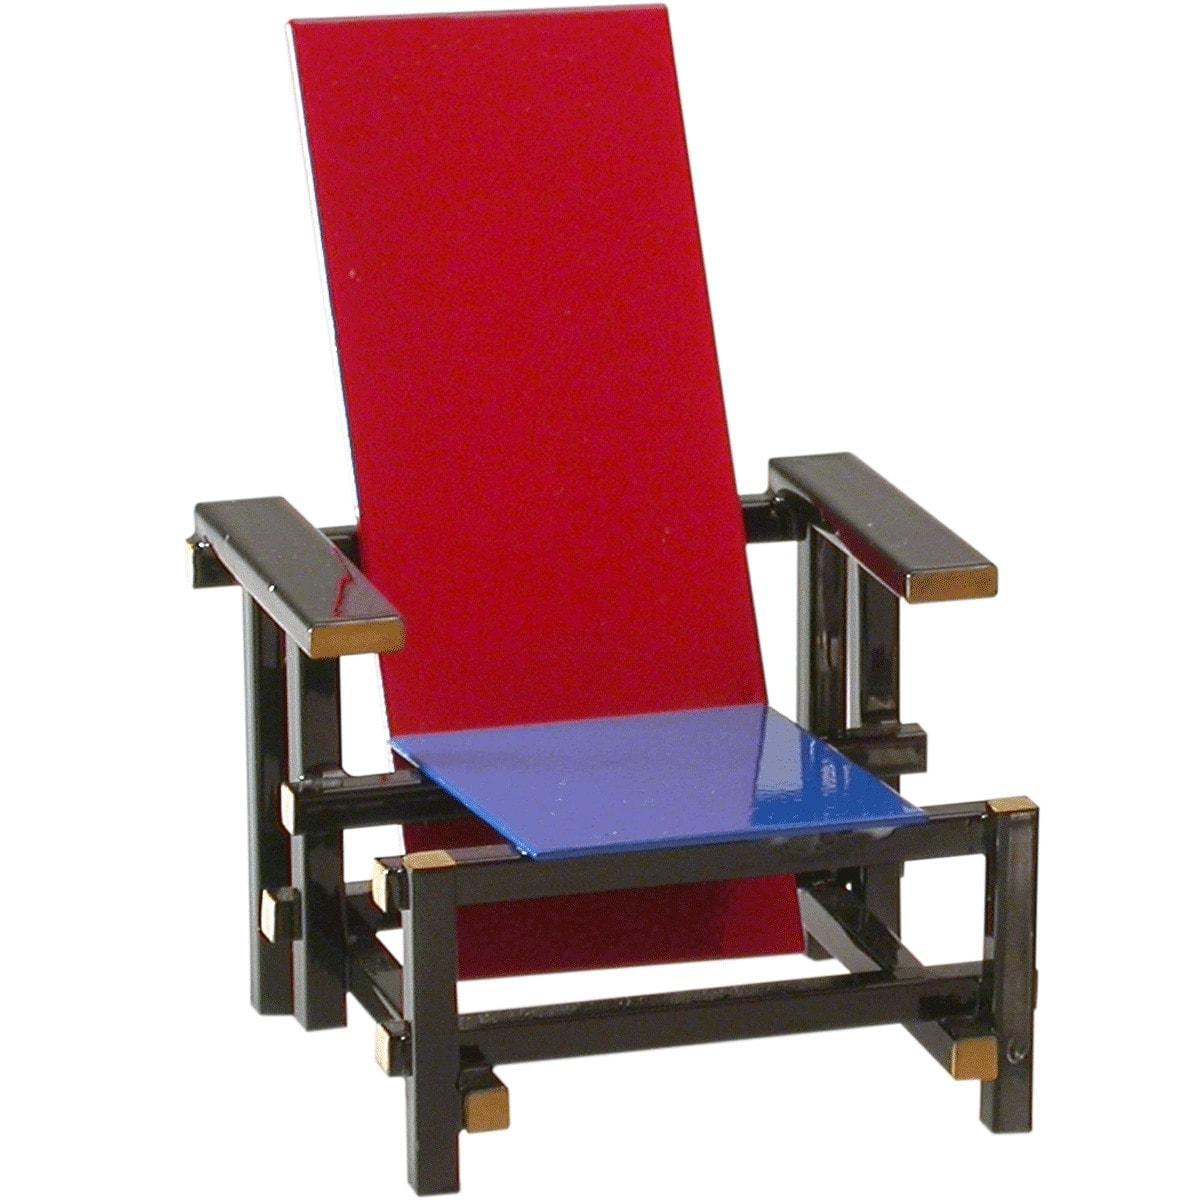 Miniatura Cadeira Red and Blue